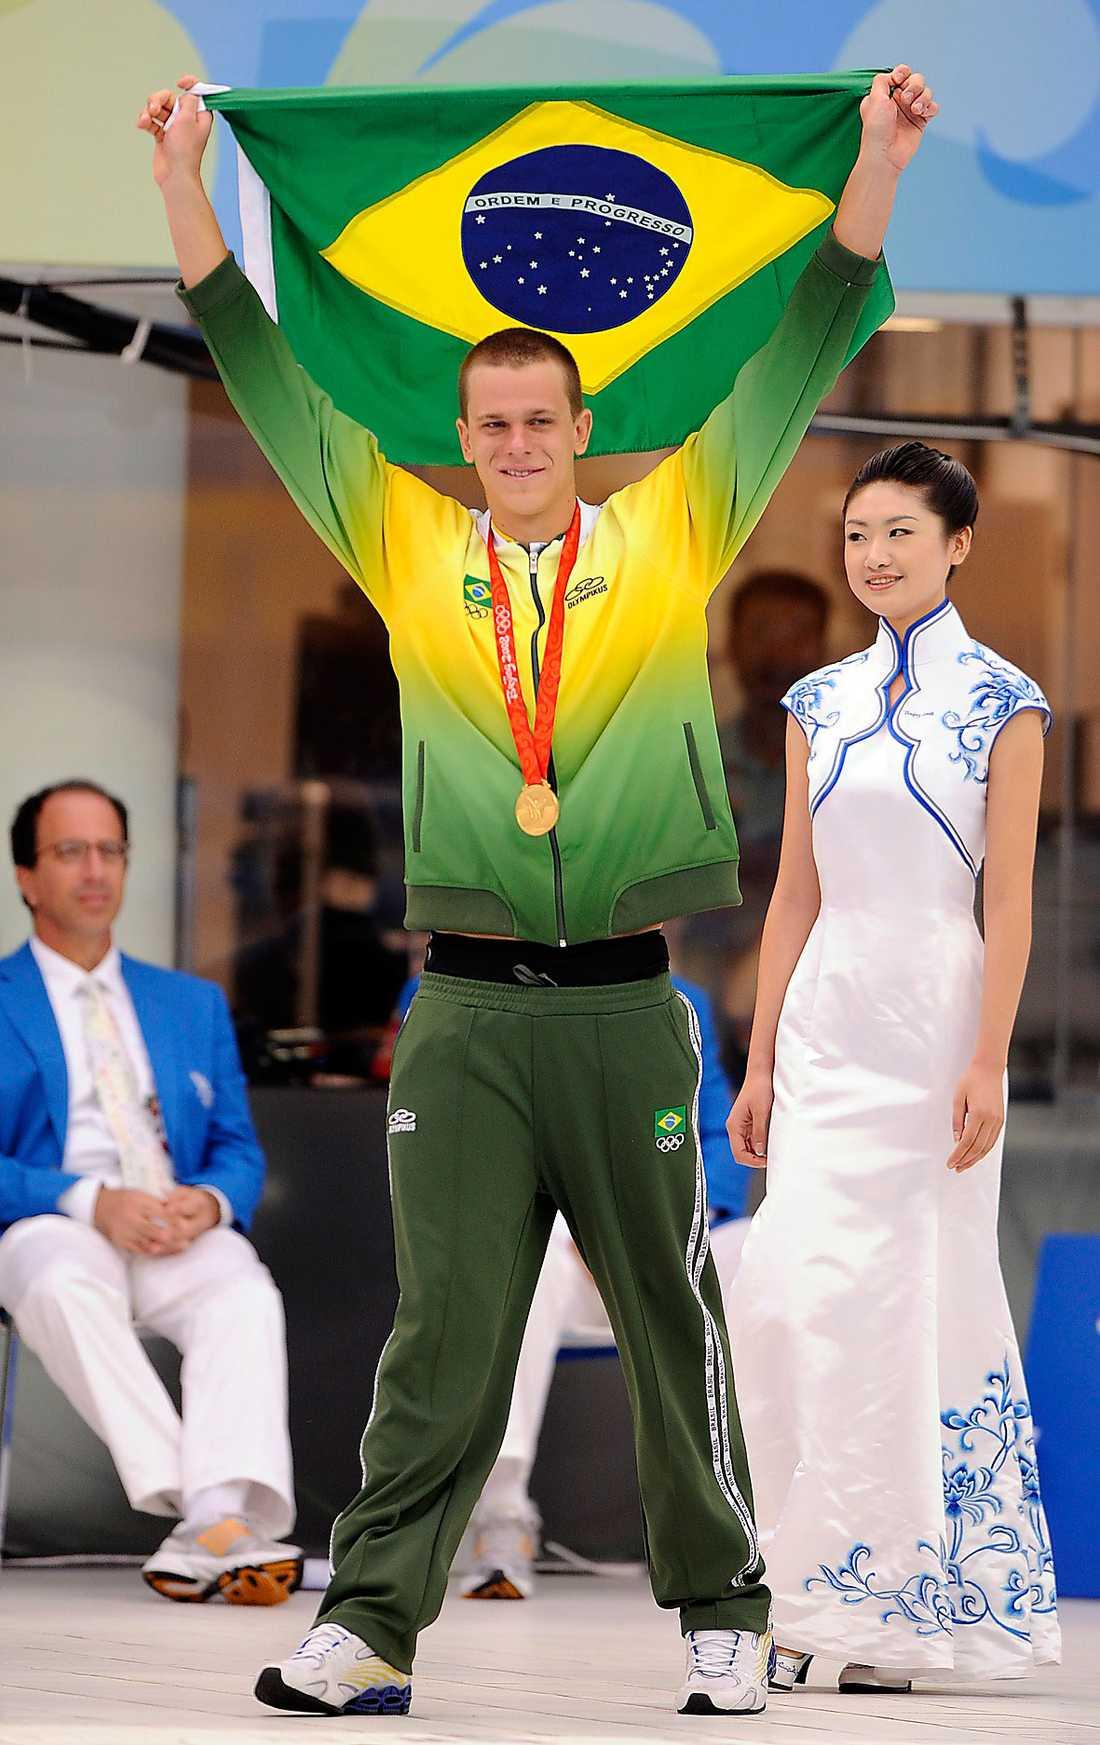 César Cielo efter att ha vunnit guld på 50 meter fritt i Peking-OS 2006.